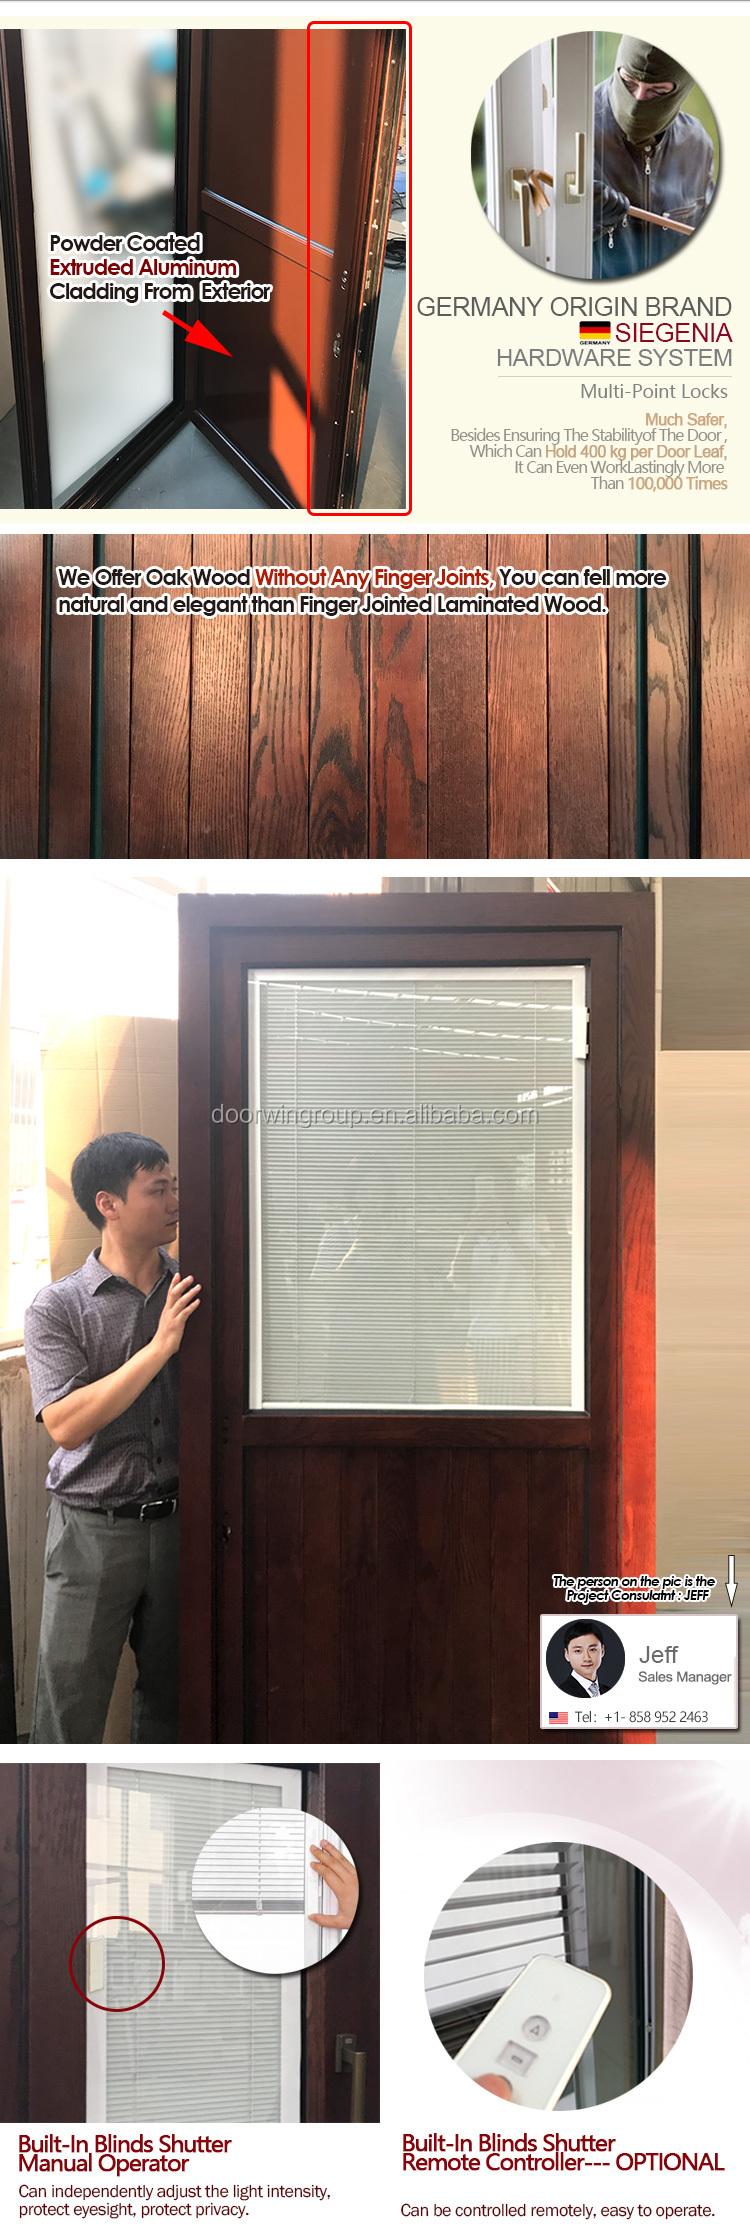 Solid Oak Wood Front Entrance Door With Built In Blinds Buy Solid Wood Front Door Designs Door Product On Alibaba Com